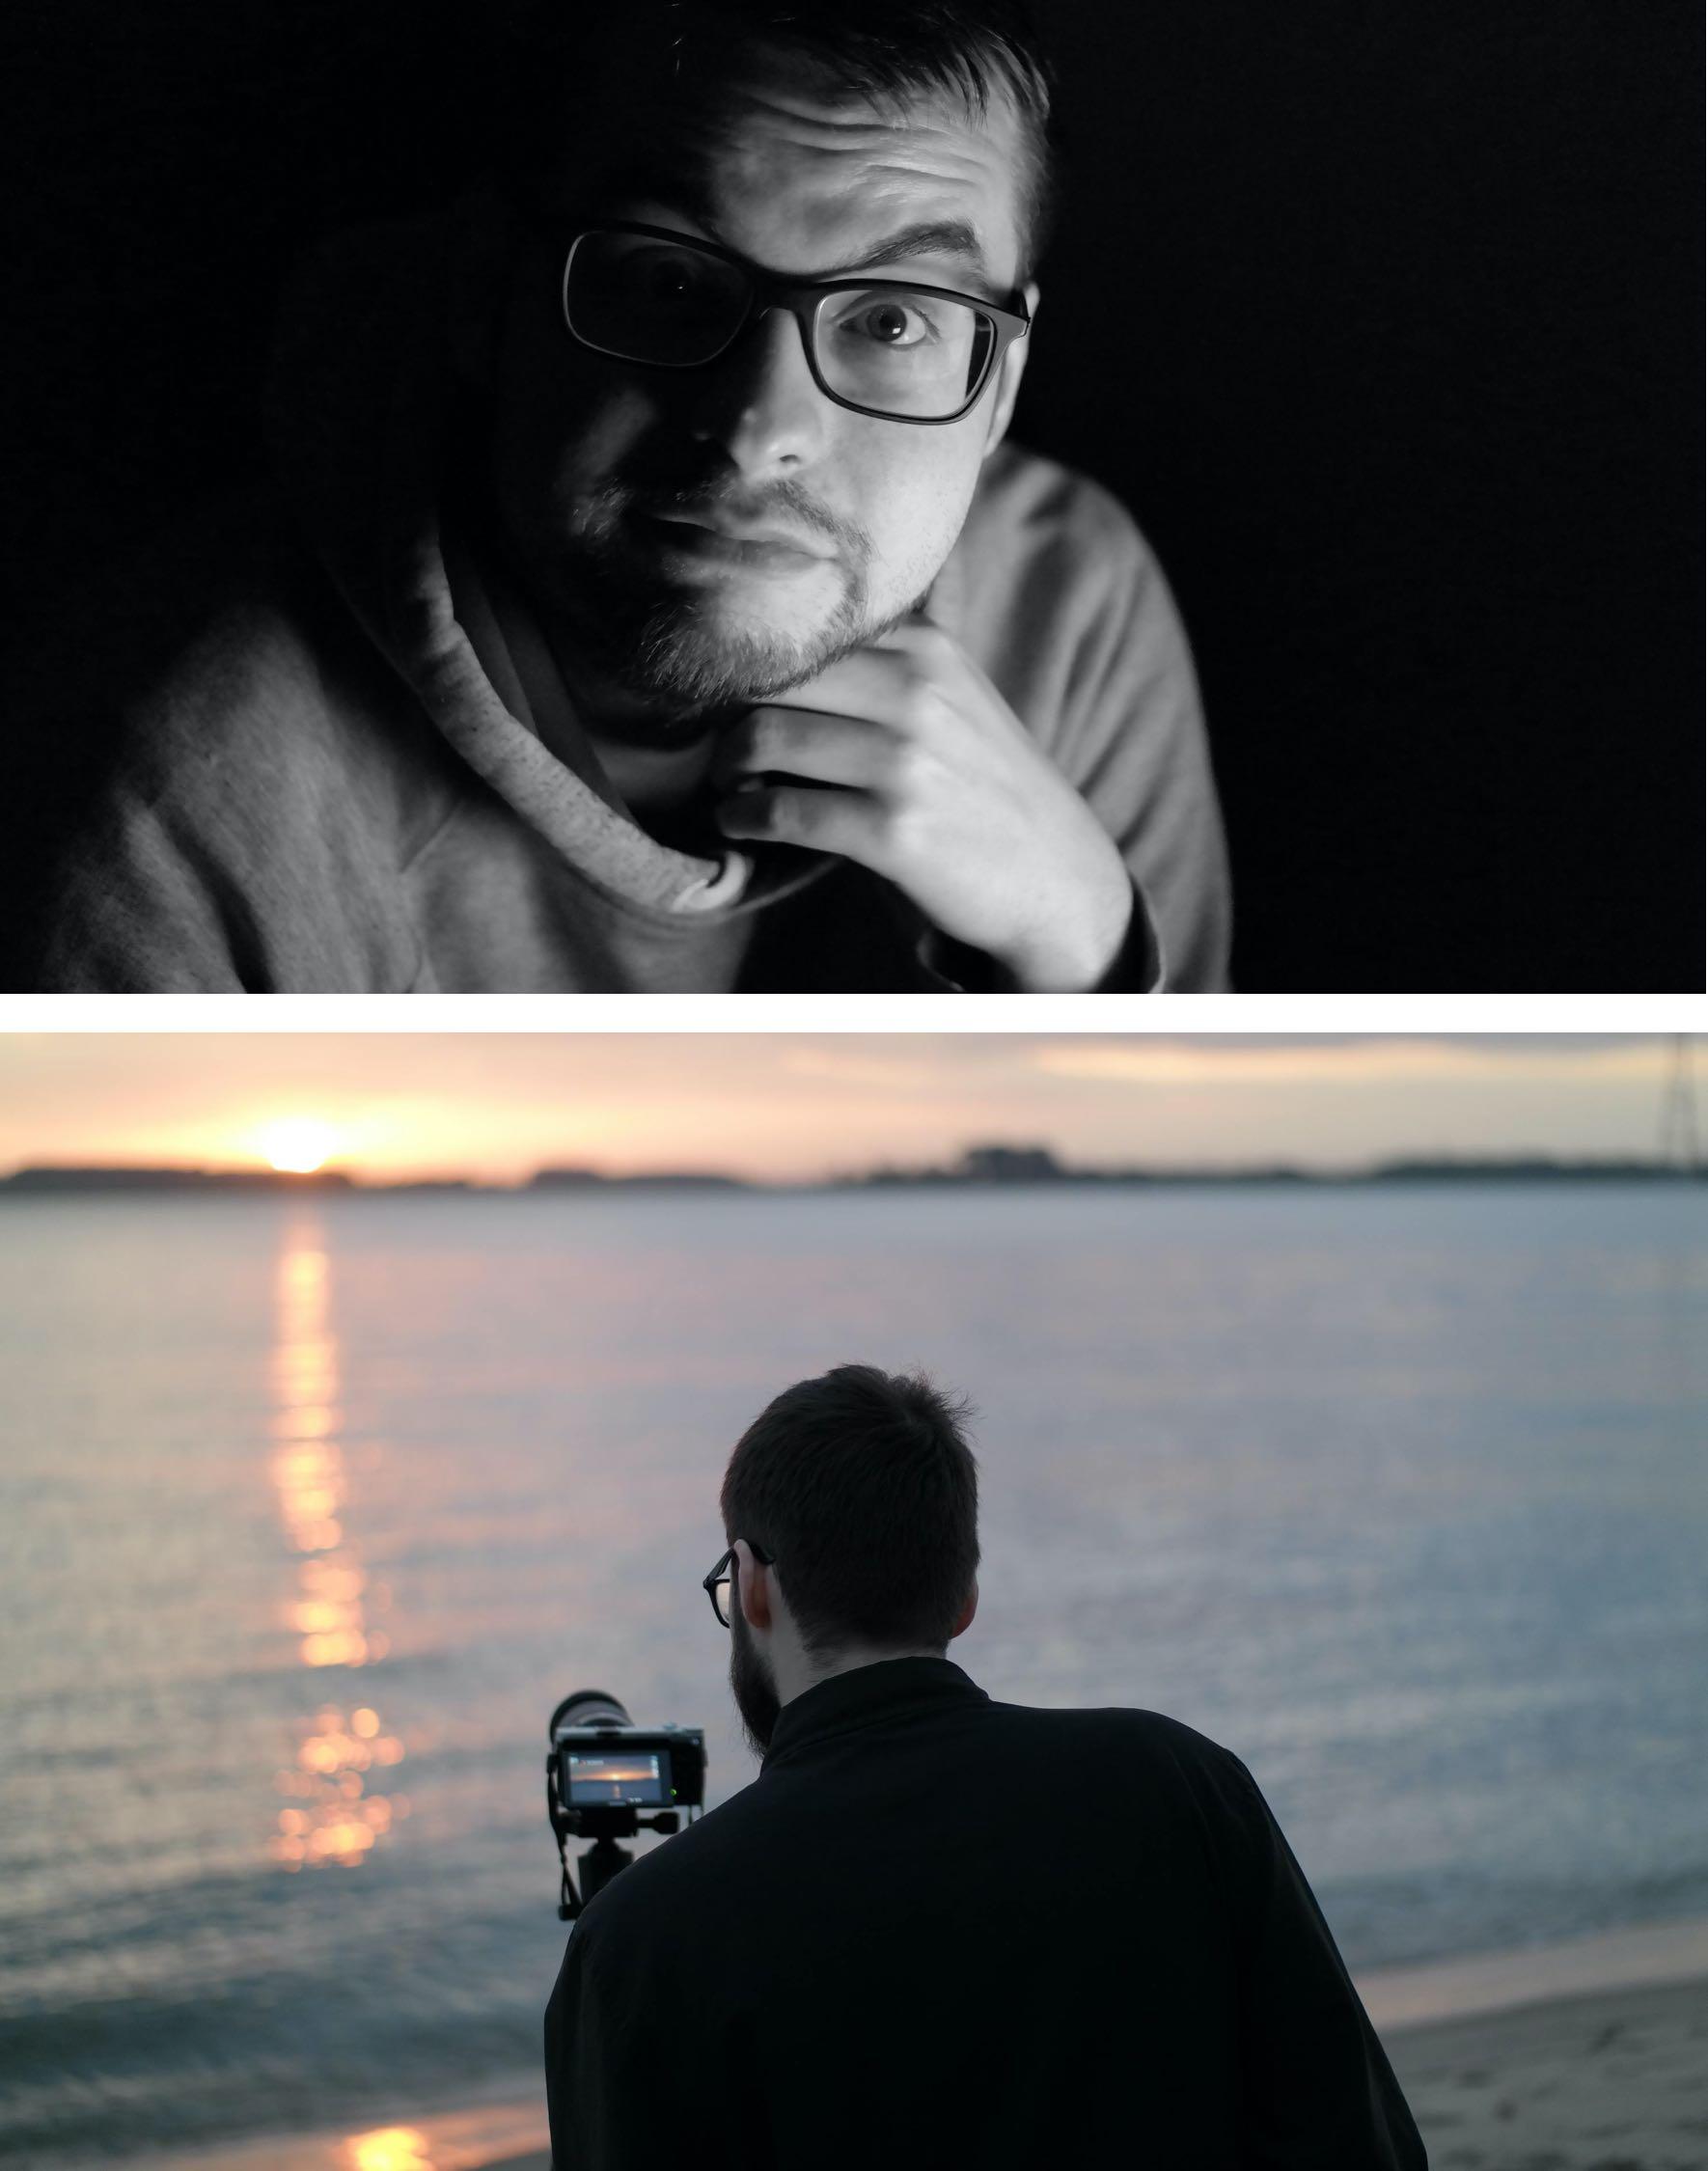 Auf dem ersten Bild posiert Niklas vor der Kamera. Auf dem zweiten Bild hält Niklas eine Kamera in der Hand und fotografiert einen wunderschönen Sonnenuntergang.